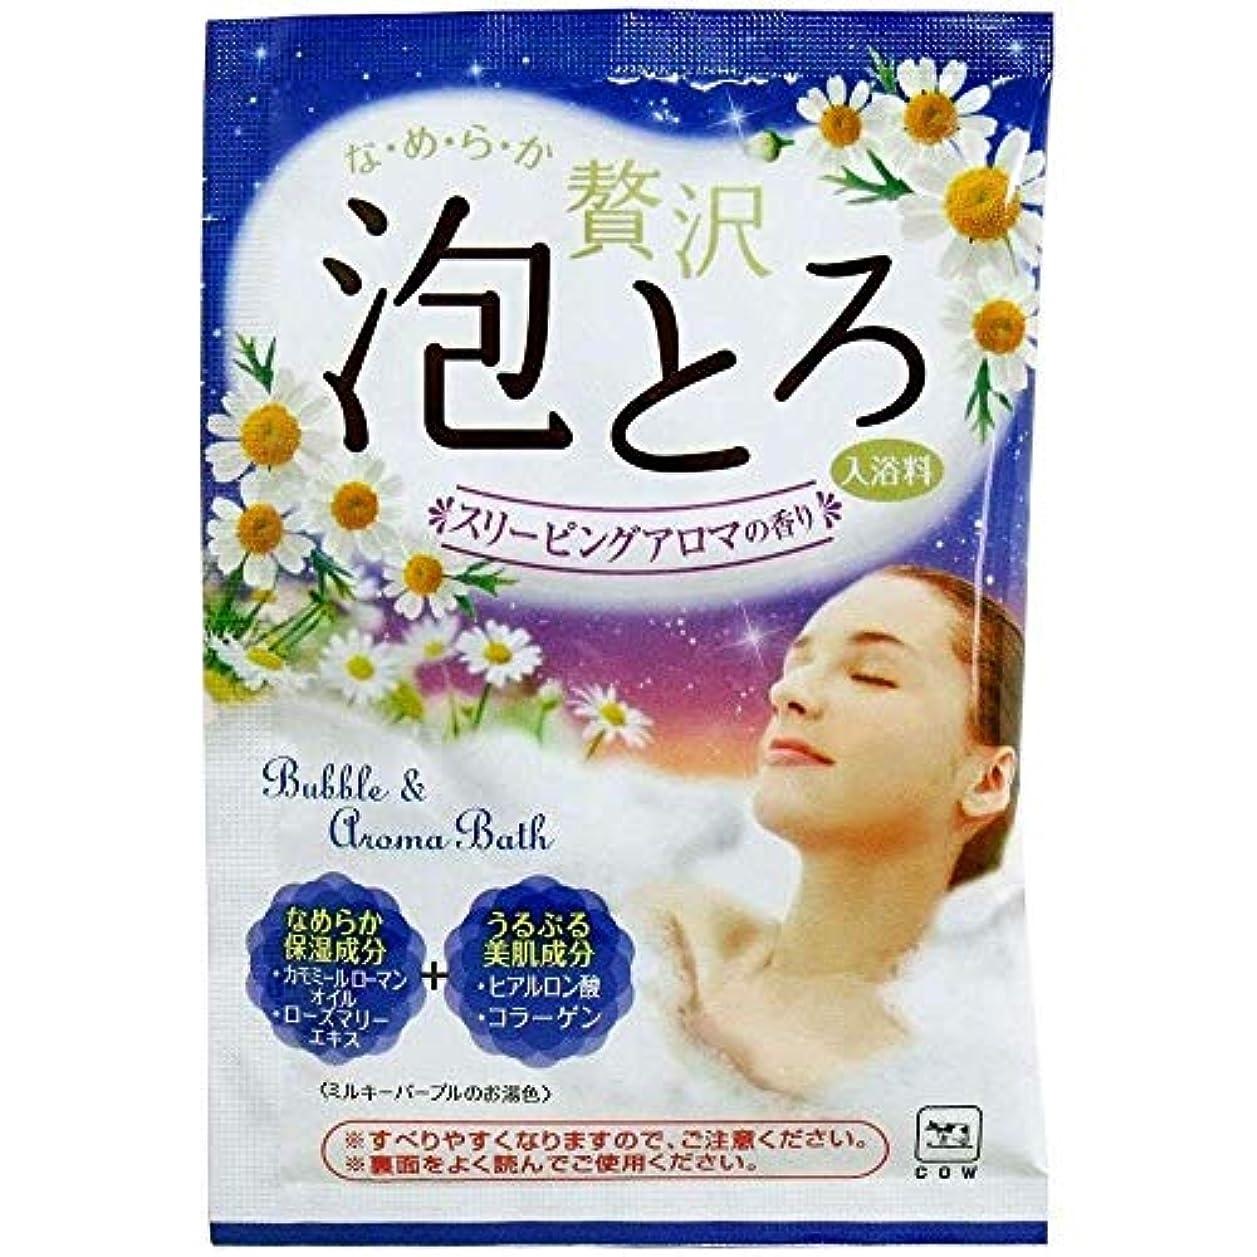 優雅な見落とす折牛乳石鹸共進社 お湯物語 贅沢泡とろ 入浴料 スリーピングアロマの香り 30g (12個)